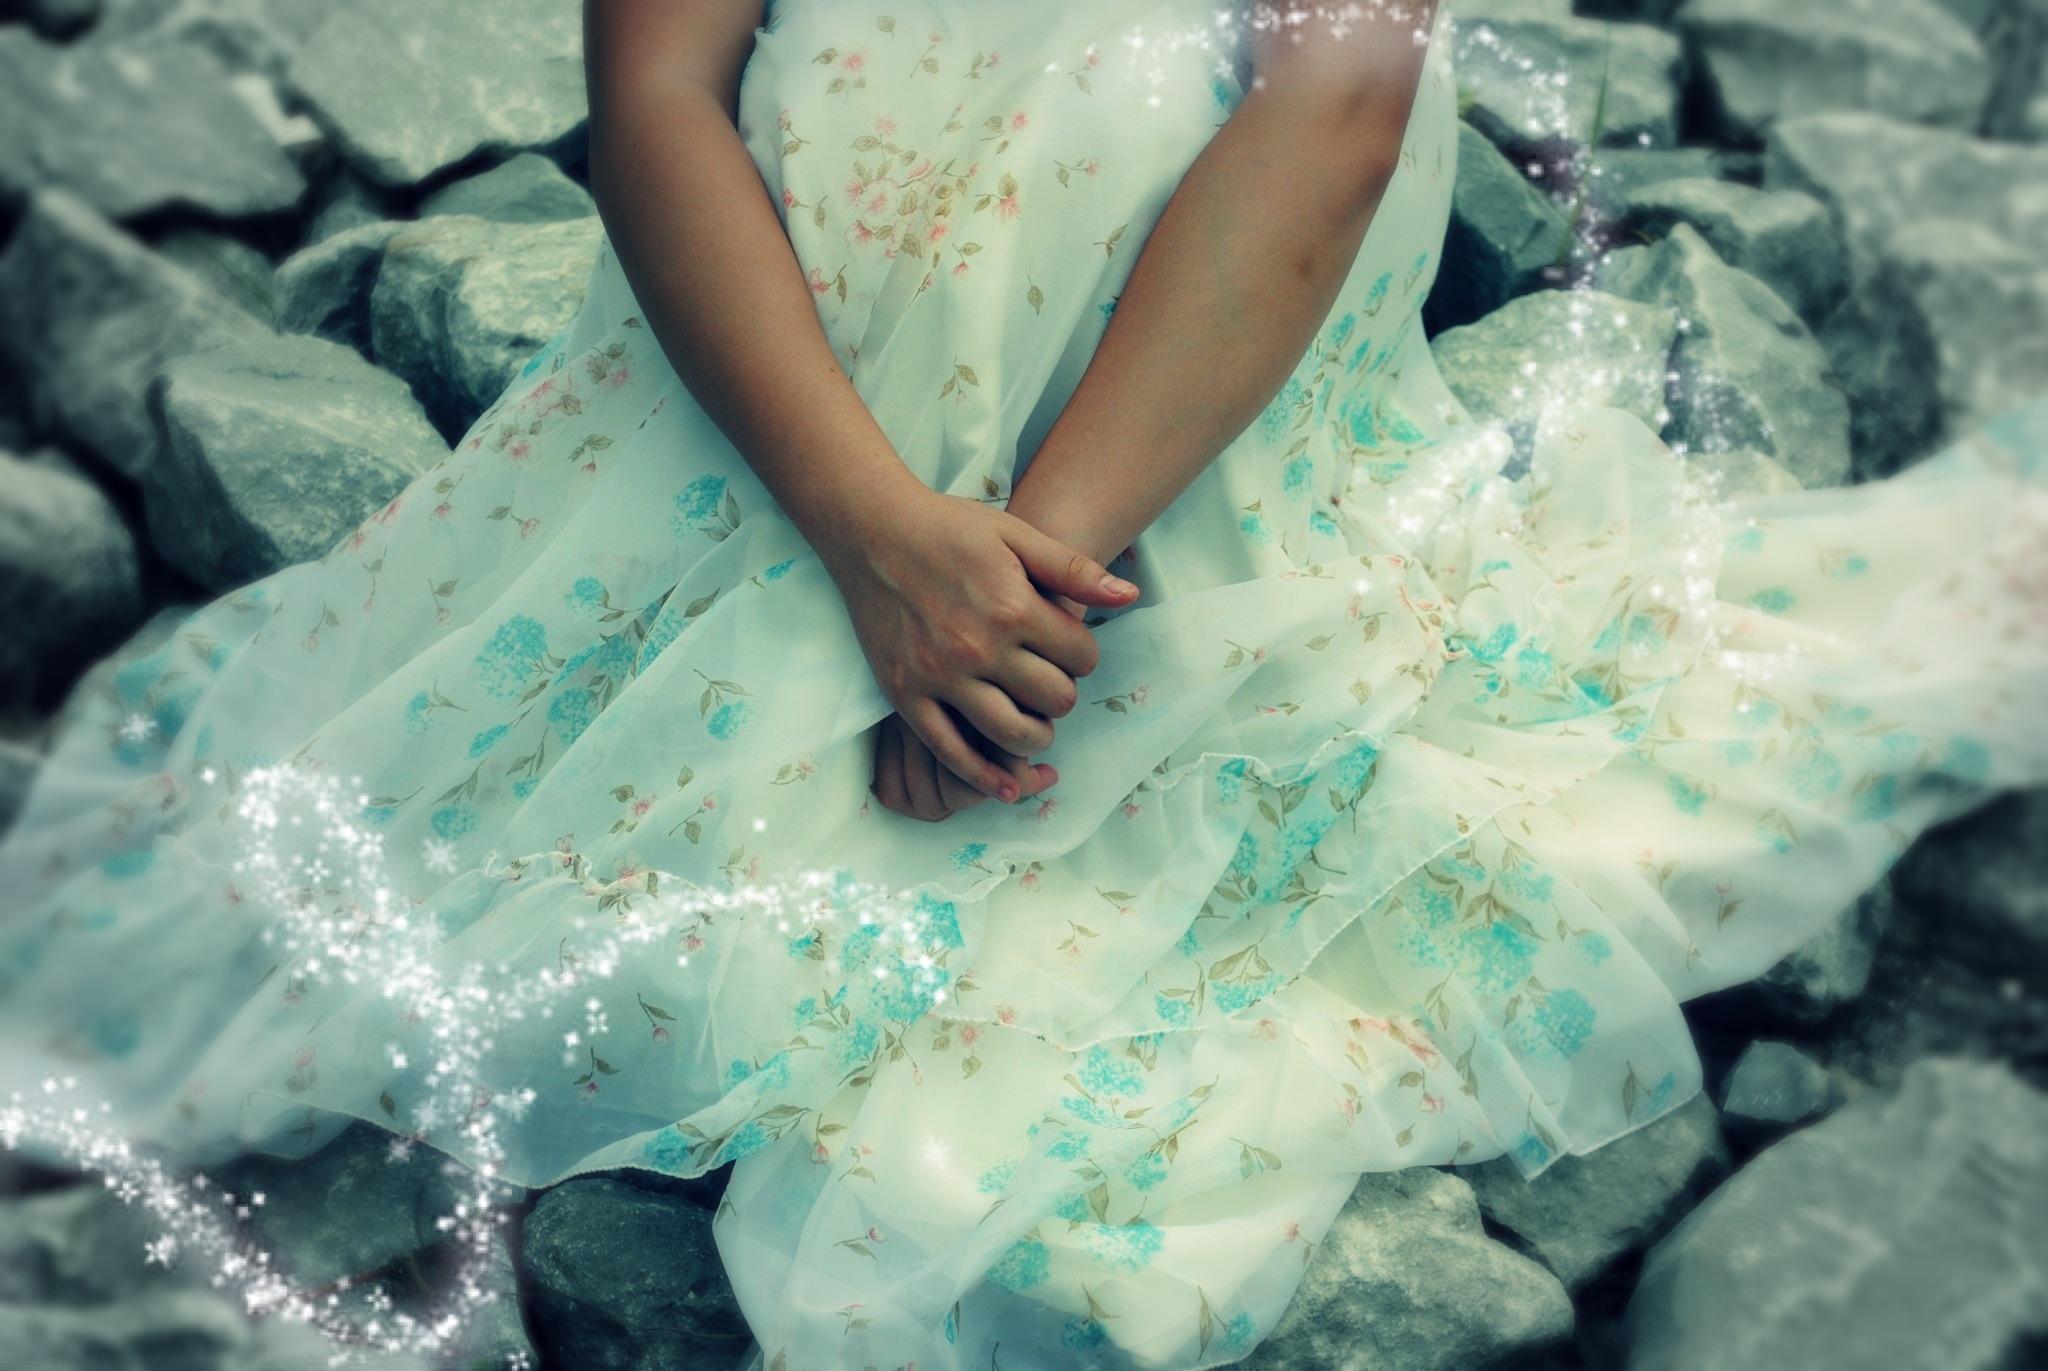 fairytale-958144